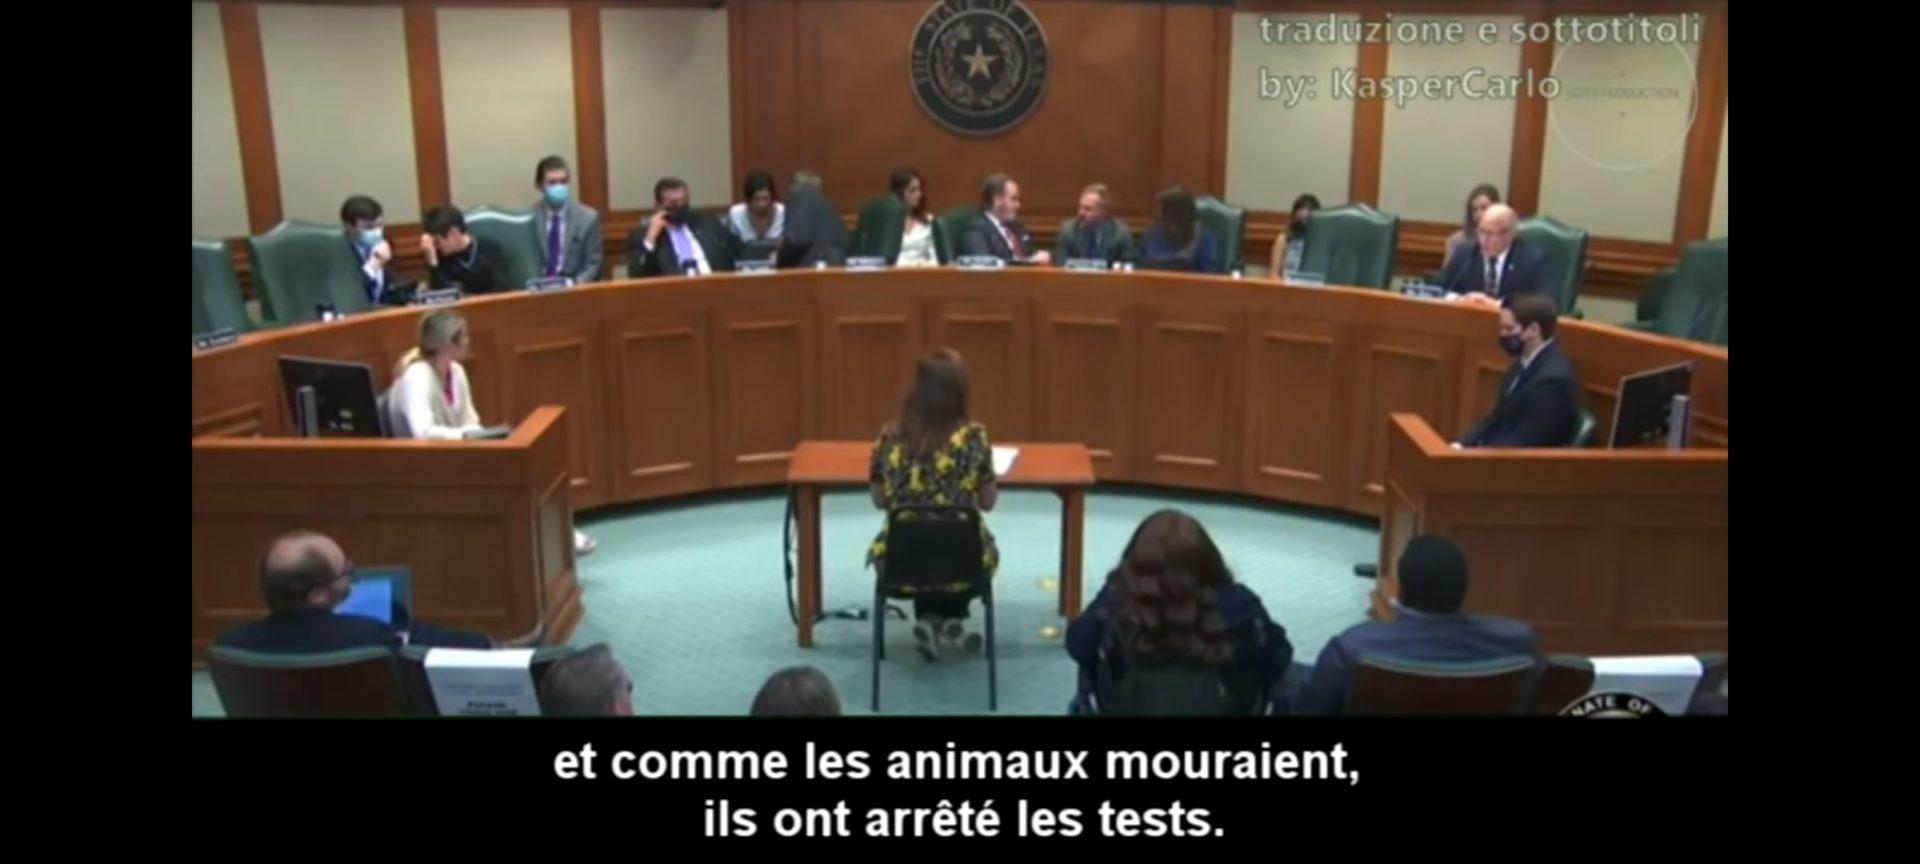 [abus de pouvoir] [injection expérimentale obligatoire chez nos enfants] Témoignage d'une médecin pédiatre texane, Angelina Farella, devant le Sénat